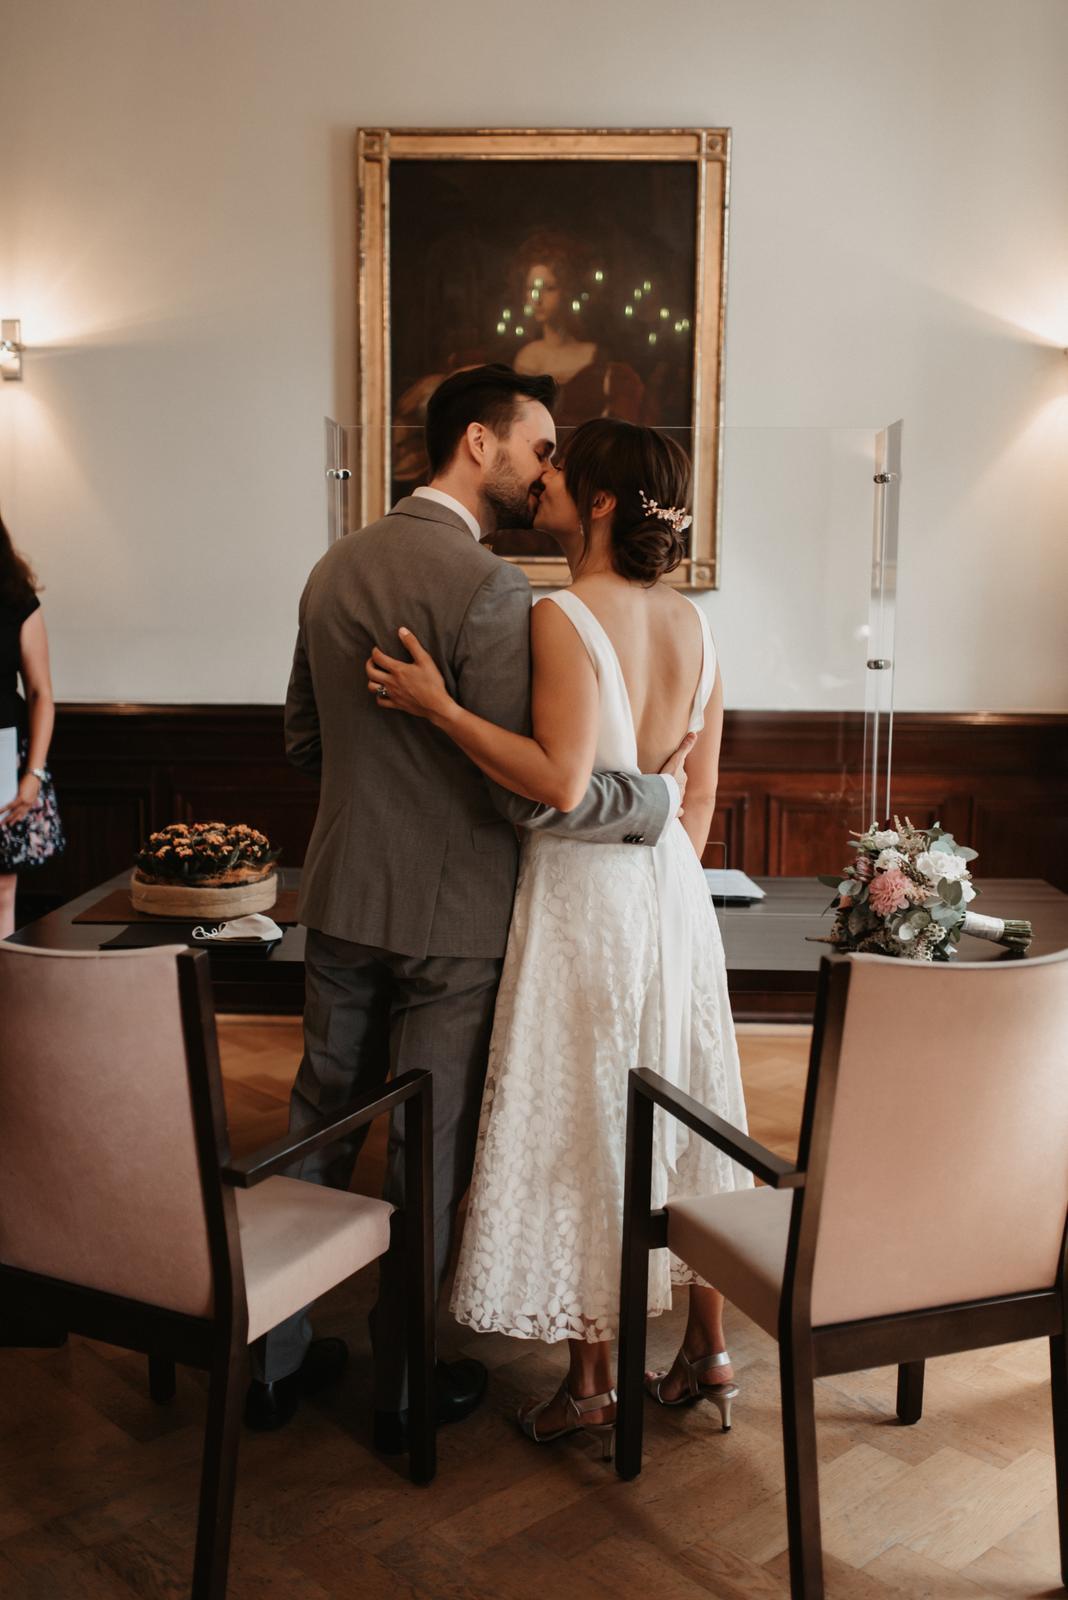 Brautpaar, sich küssend, auf dem Standesamt, Bräutigam mit braunem Anzug, Braut in rückenfreiem, zweiteiligem Brautkleid in Ivory